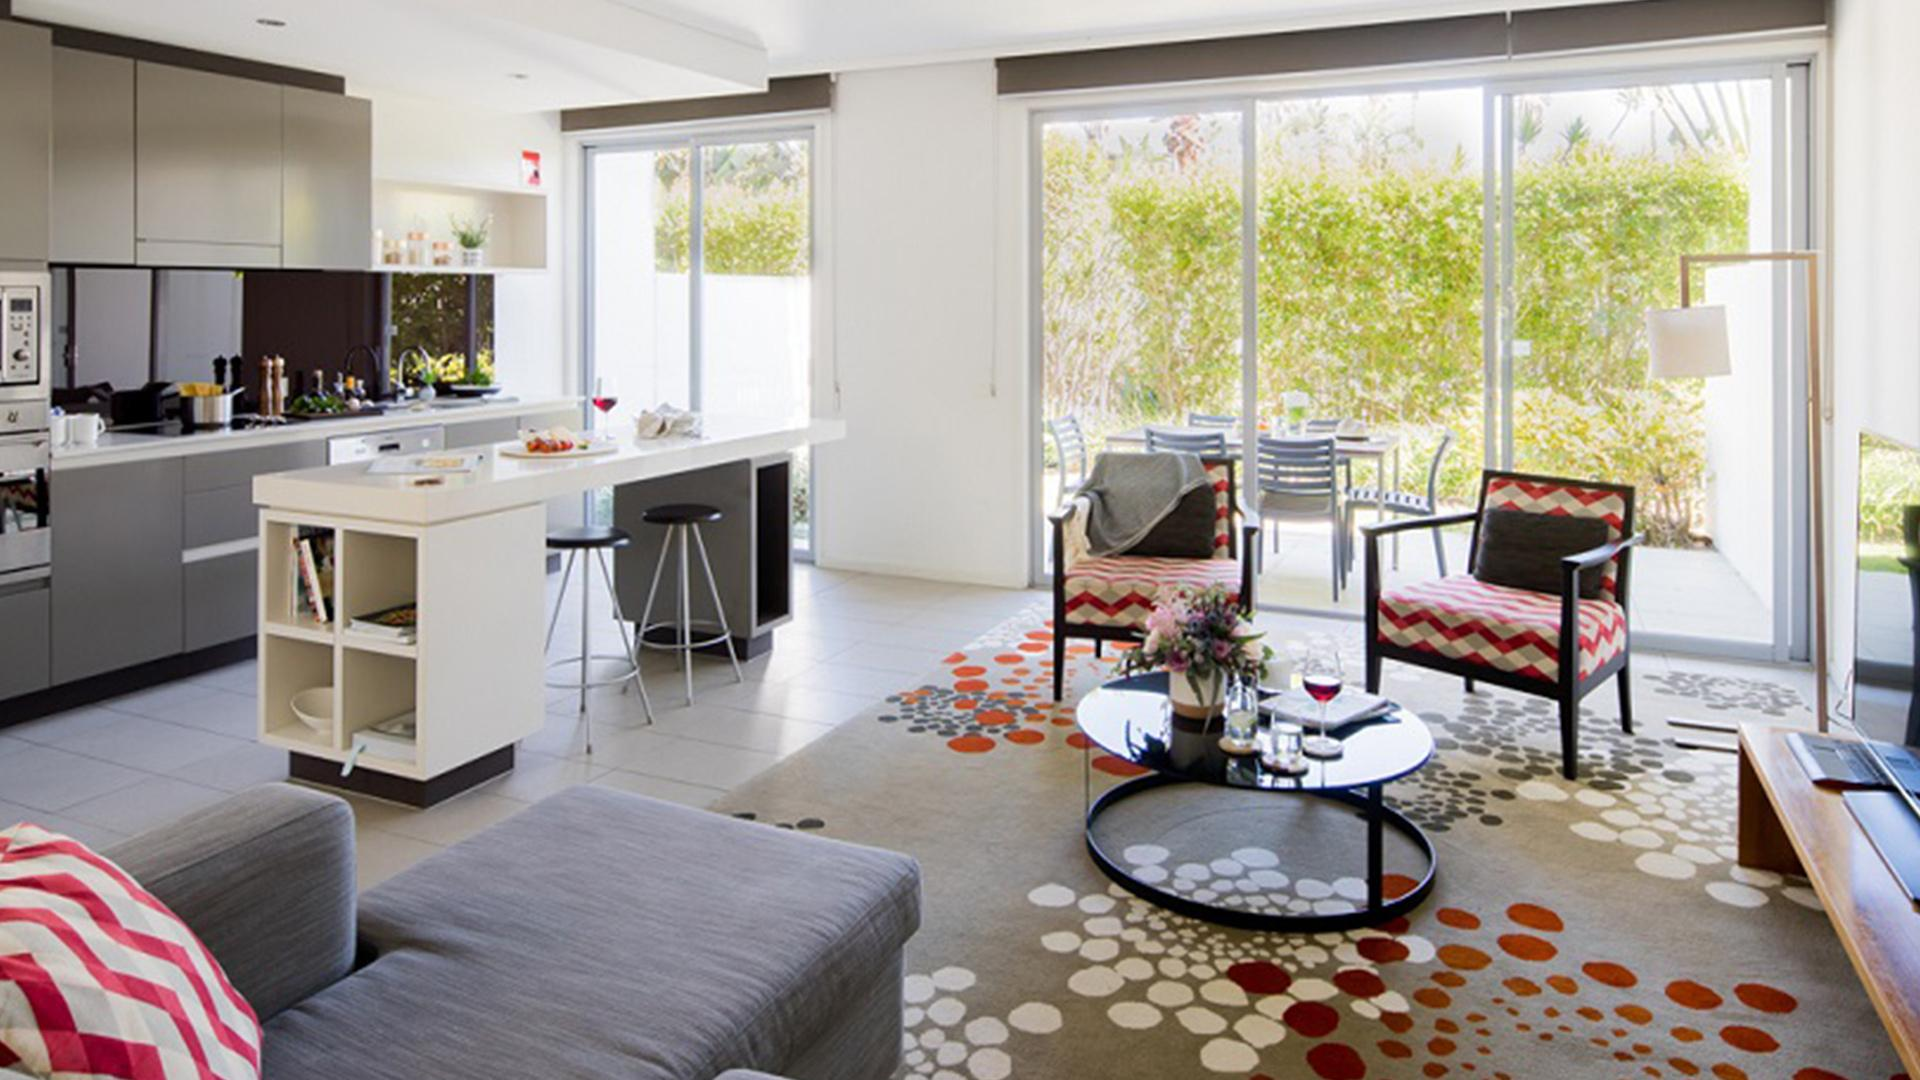 Three-Bedroom Villa July 2020 image 1 at Pullman Magenta Shores Resort by Wyong Shire Council, New South Wales, Australia